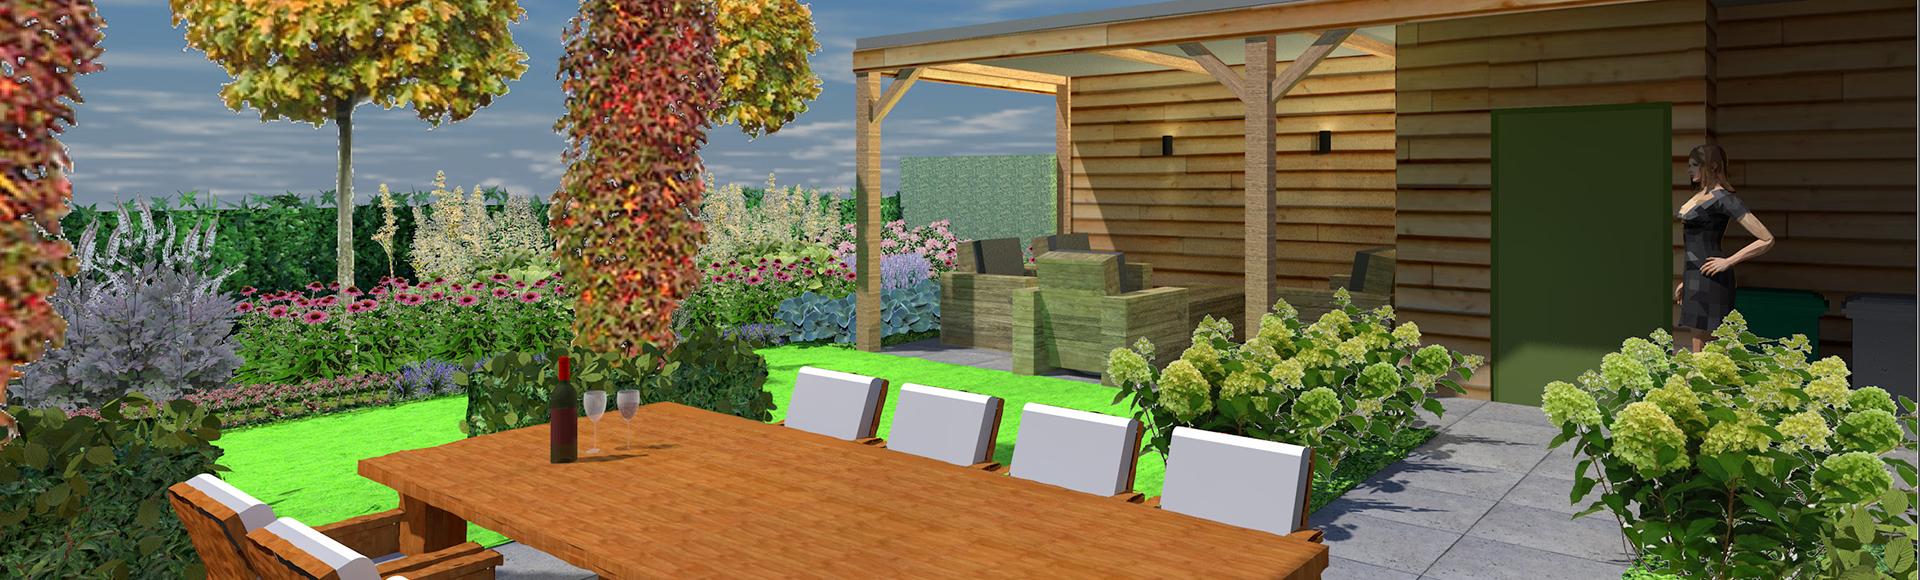 Tuinontwerp beplantingsplan de tuinontwerper for 3d tuin ontwerpen